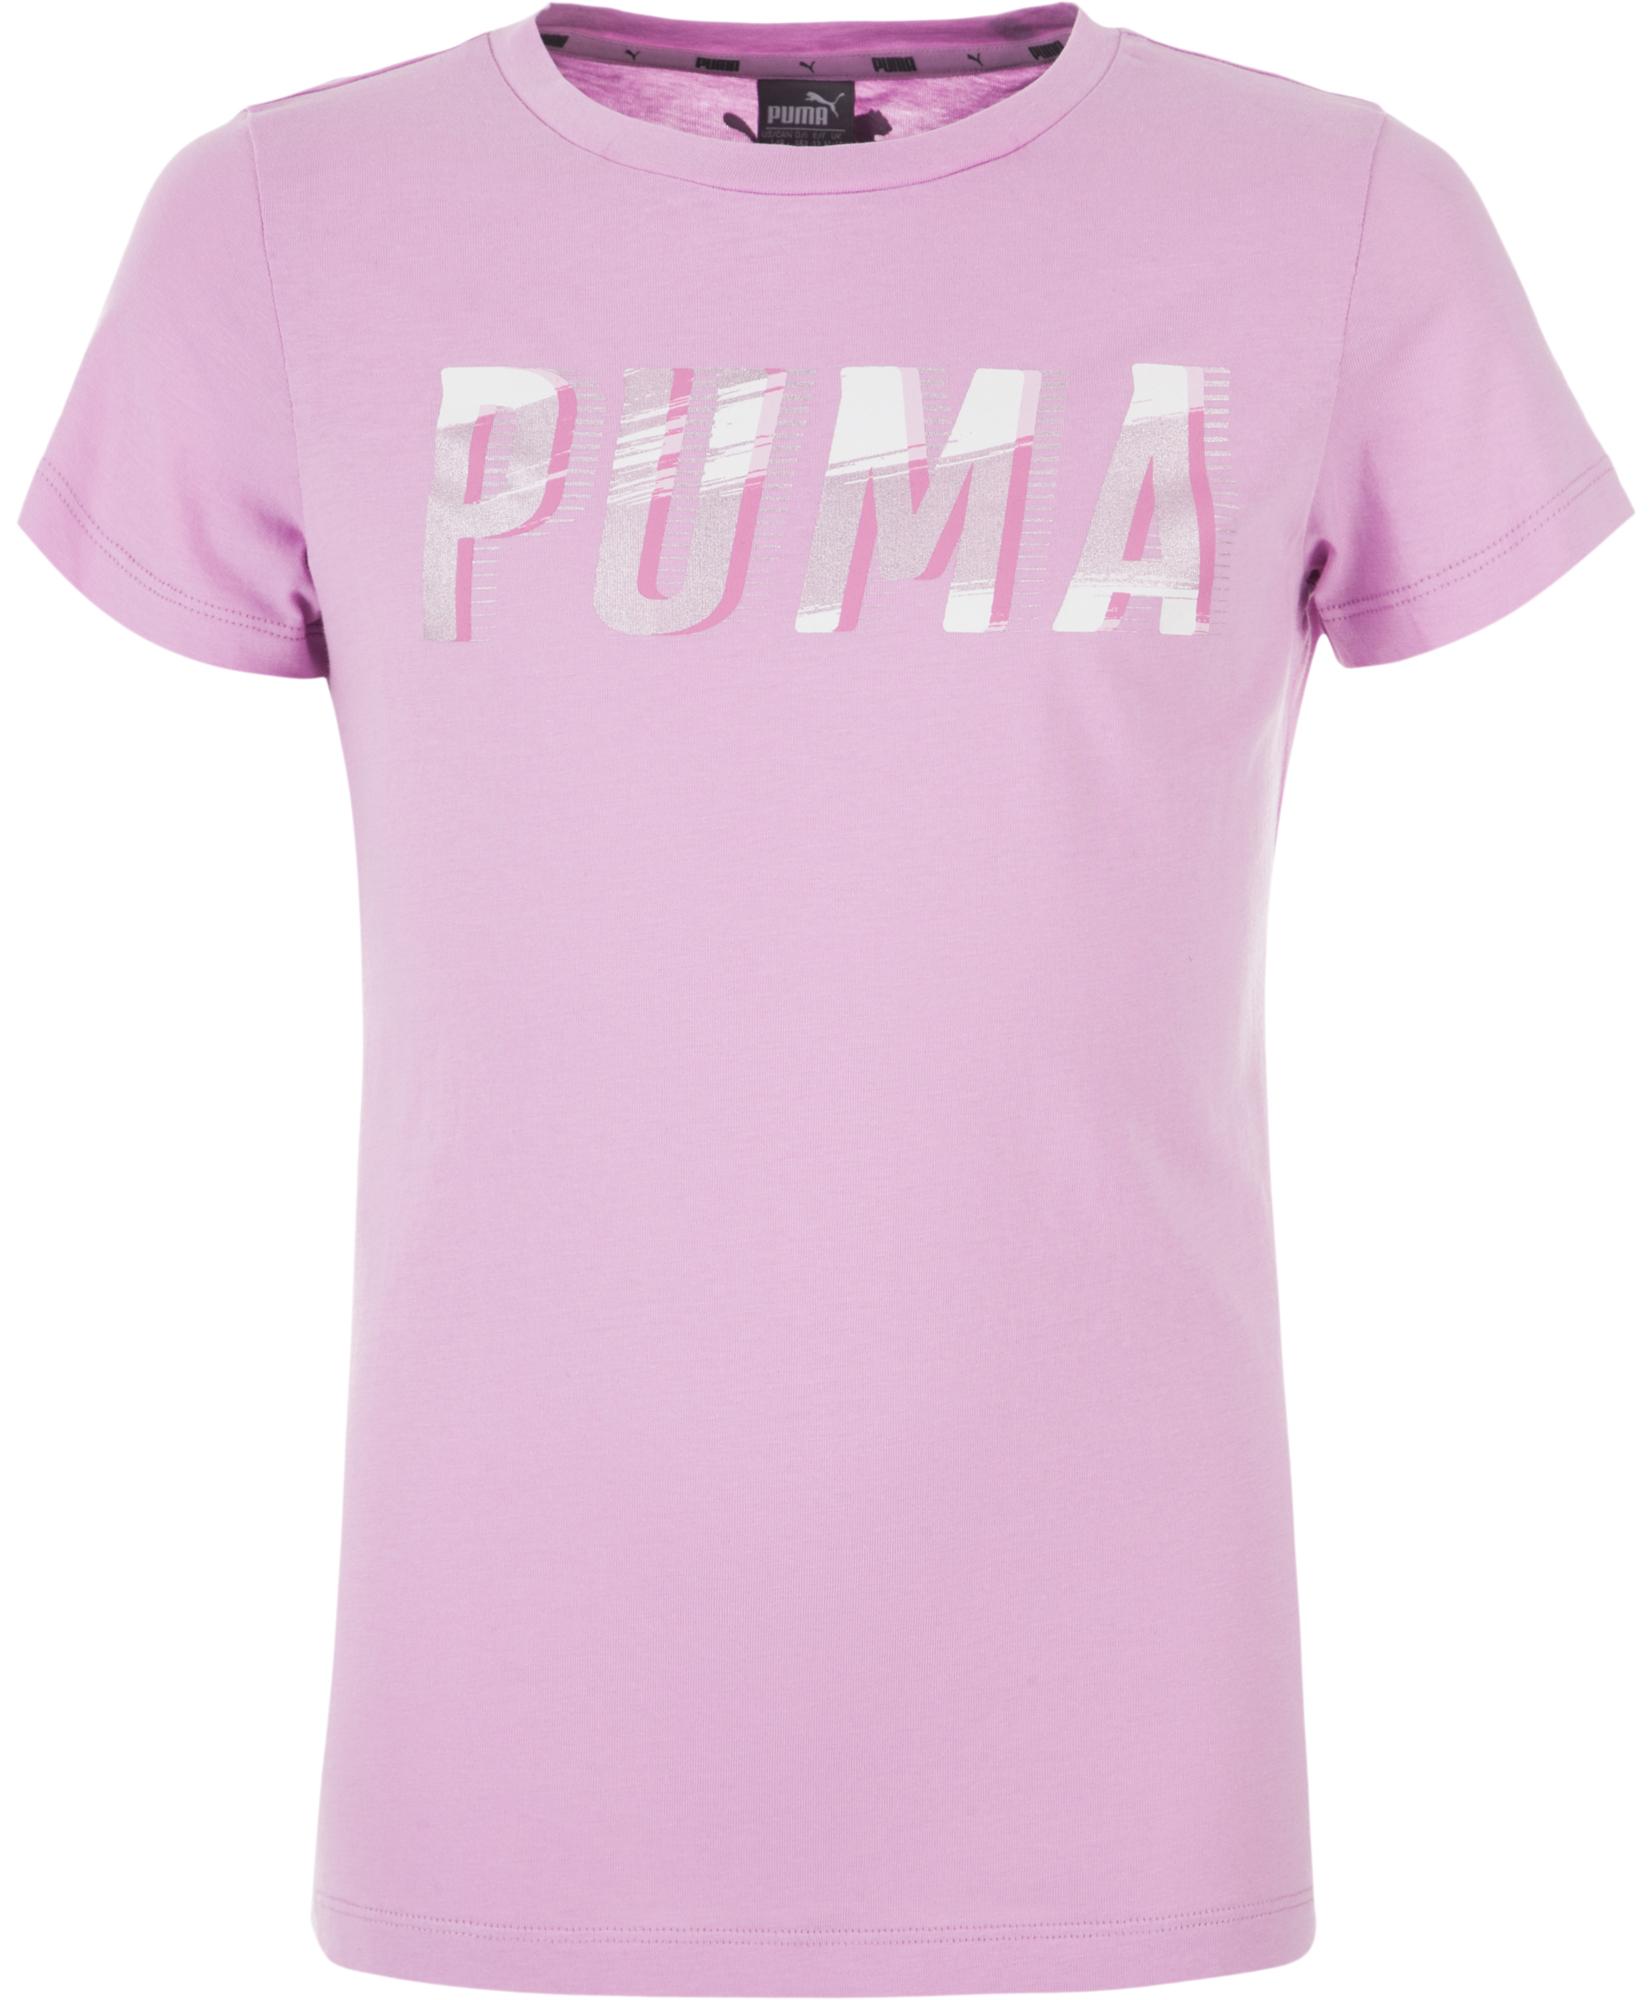 Puma Футболка для девочек Puma Style Graphic, размер 152 стоимость